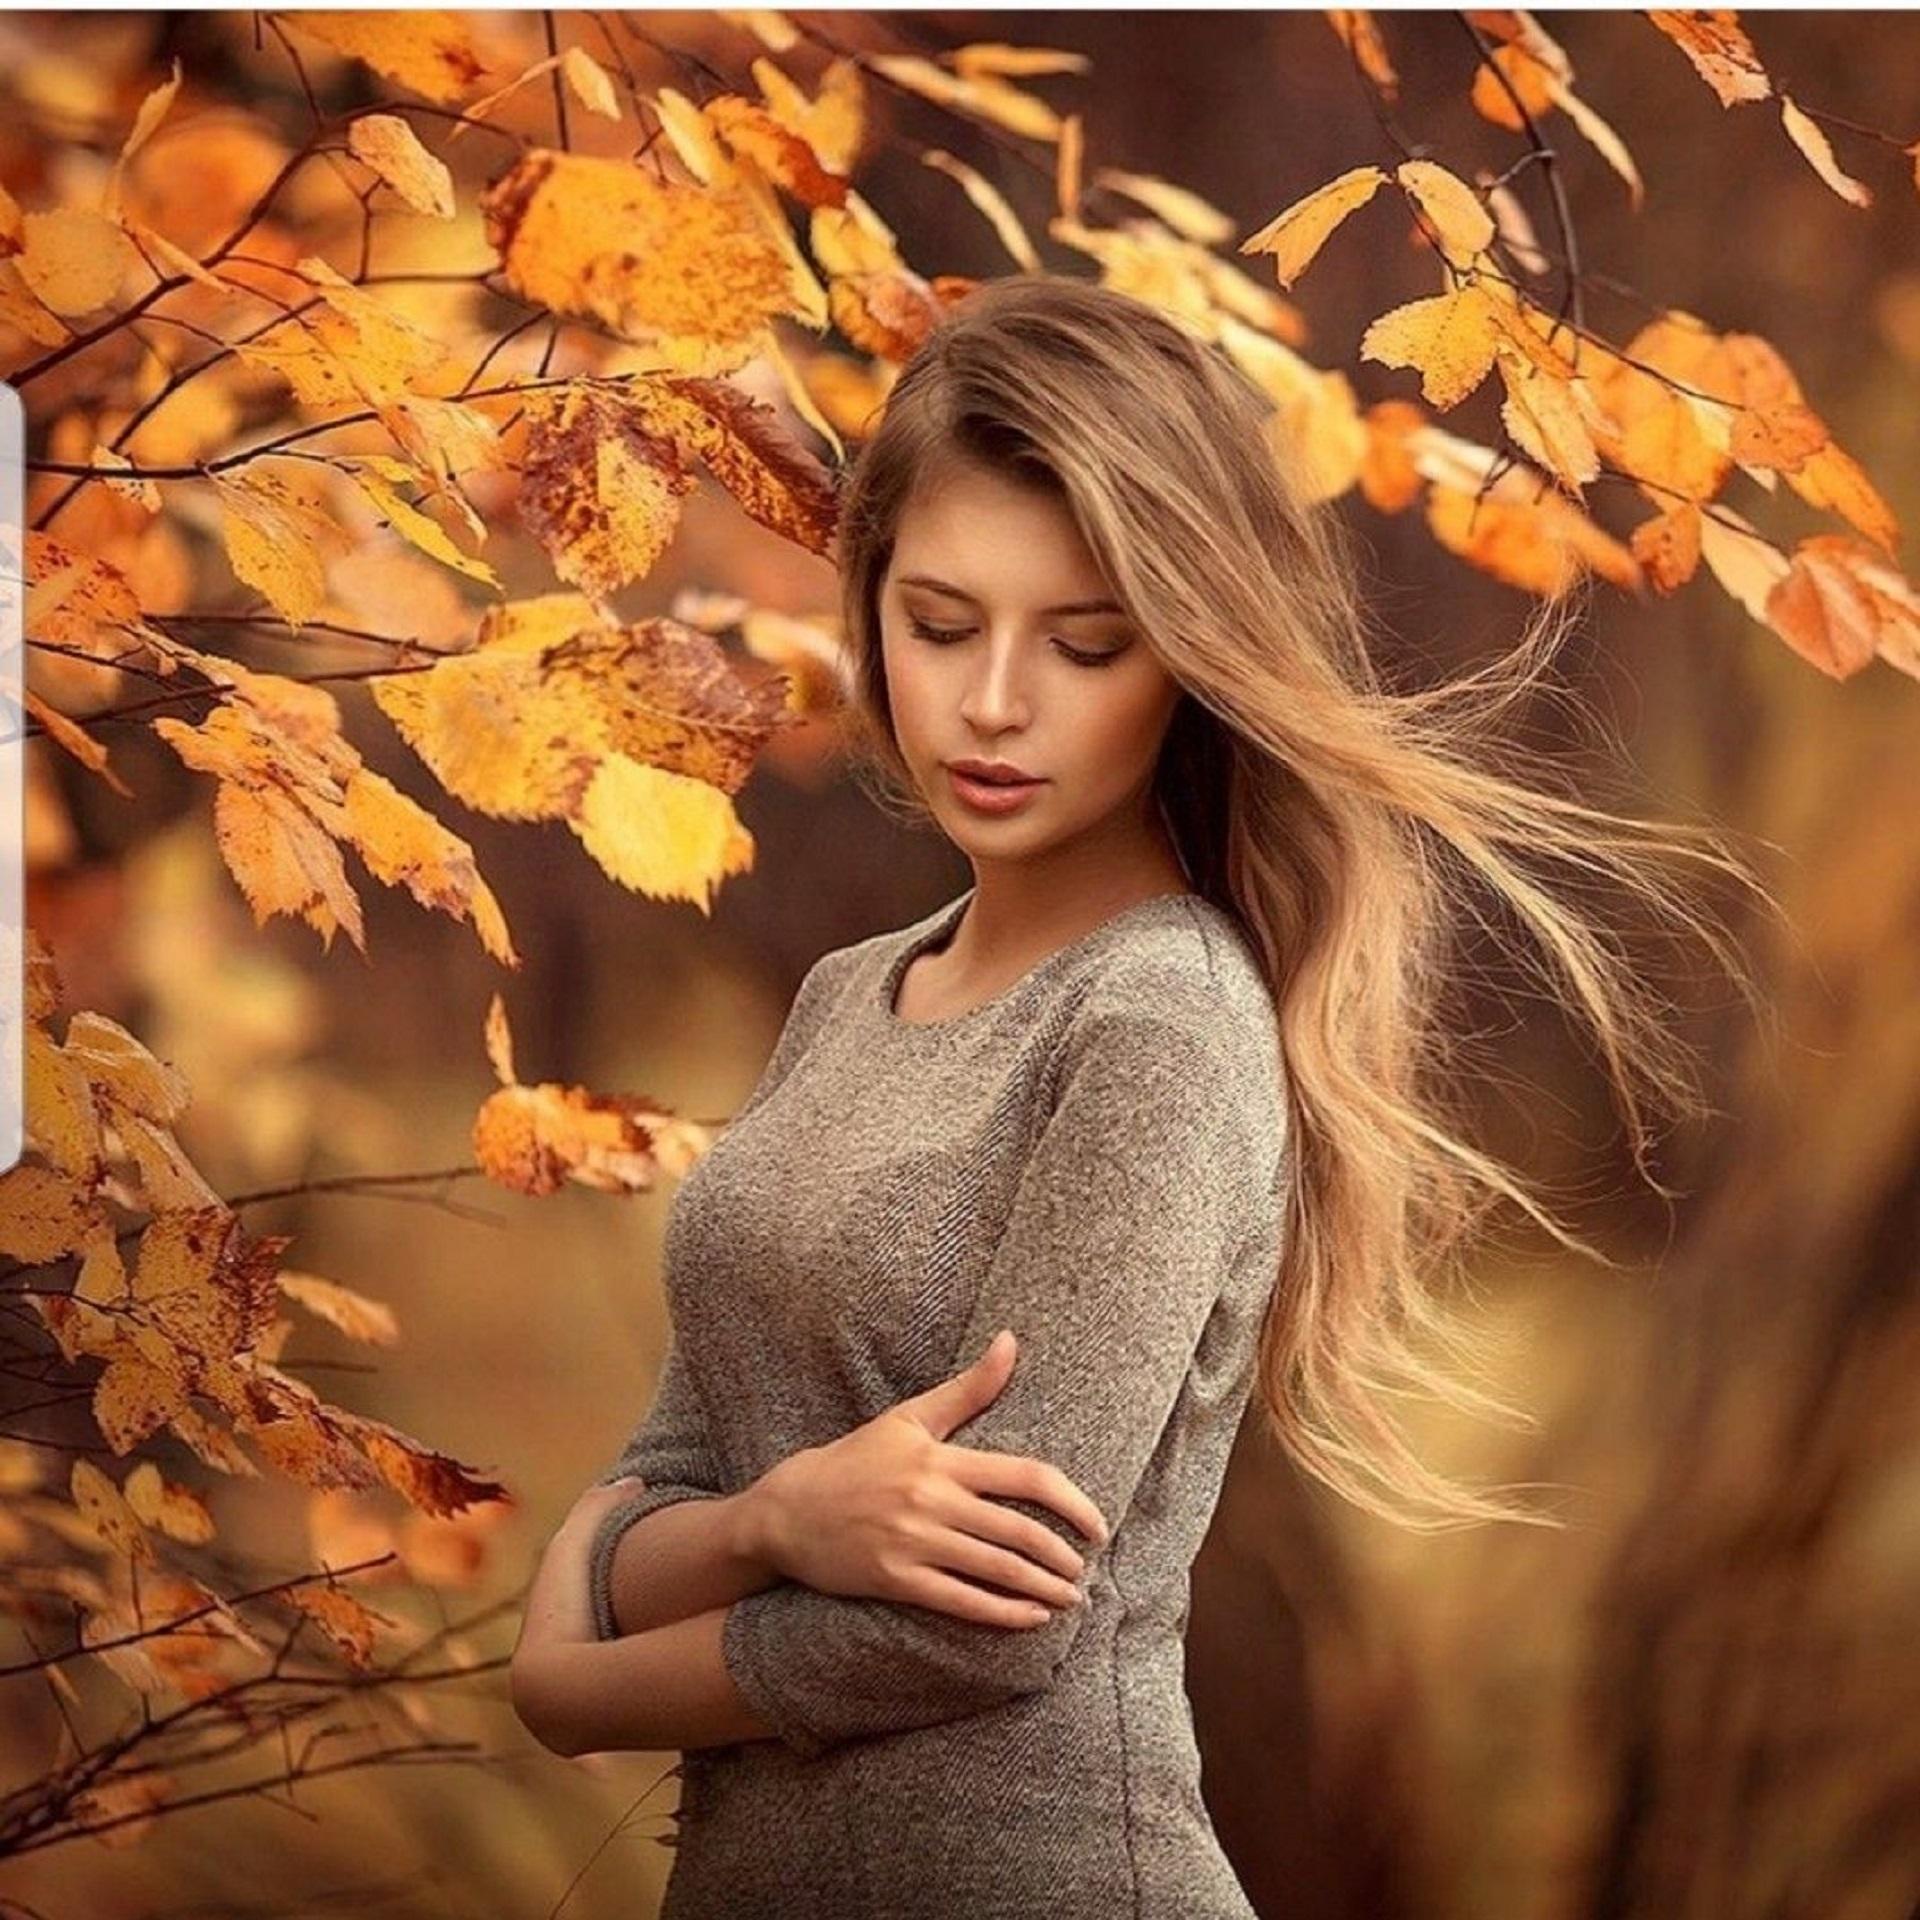 молодом фотографии и позы с осенними листьями советуем более